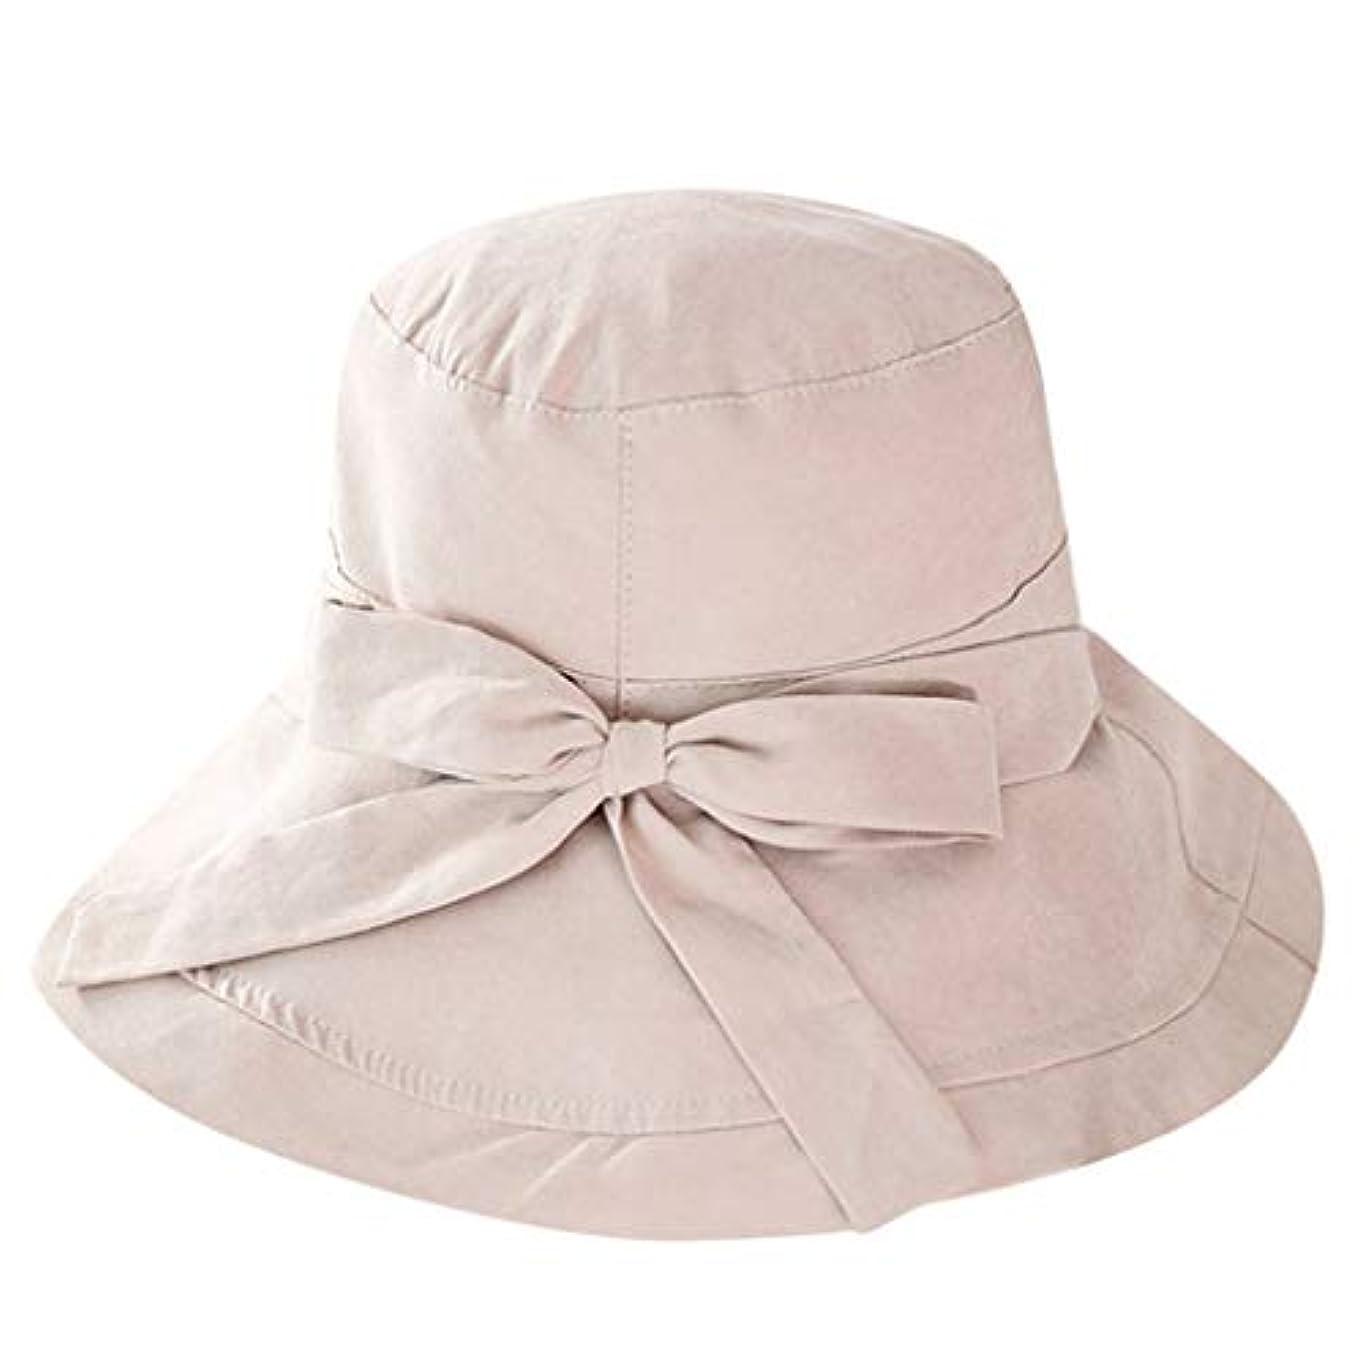 分割大グリル帽子 レディース 夏 綿 つば広い おしゃれ シンプル カジュアル UVカット 帽子 ハット レディース おしゃれ 可愛い 夏 小顔効果 折りたたみ サイズ調節可 蝶結び 森ガール オールシーズン ROSE ROMAN